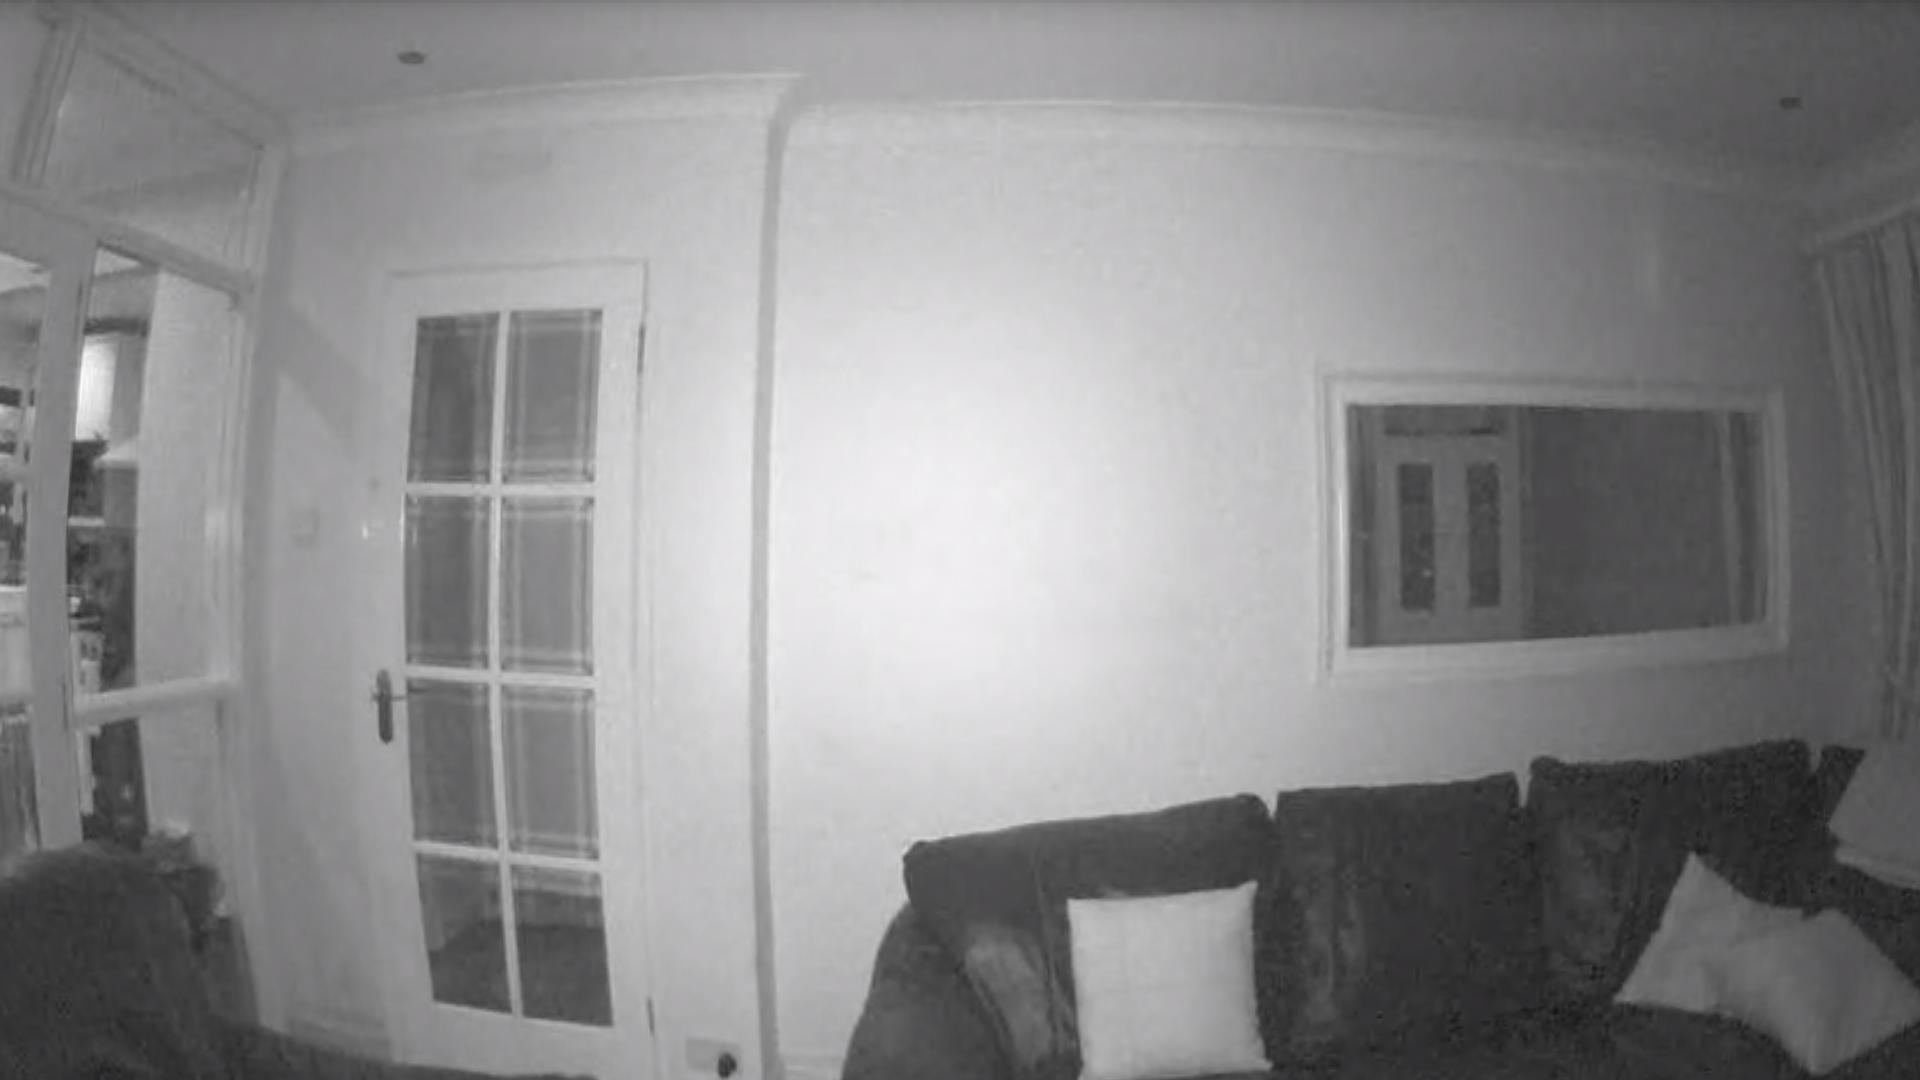 Piper Cam Capture - Night